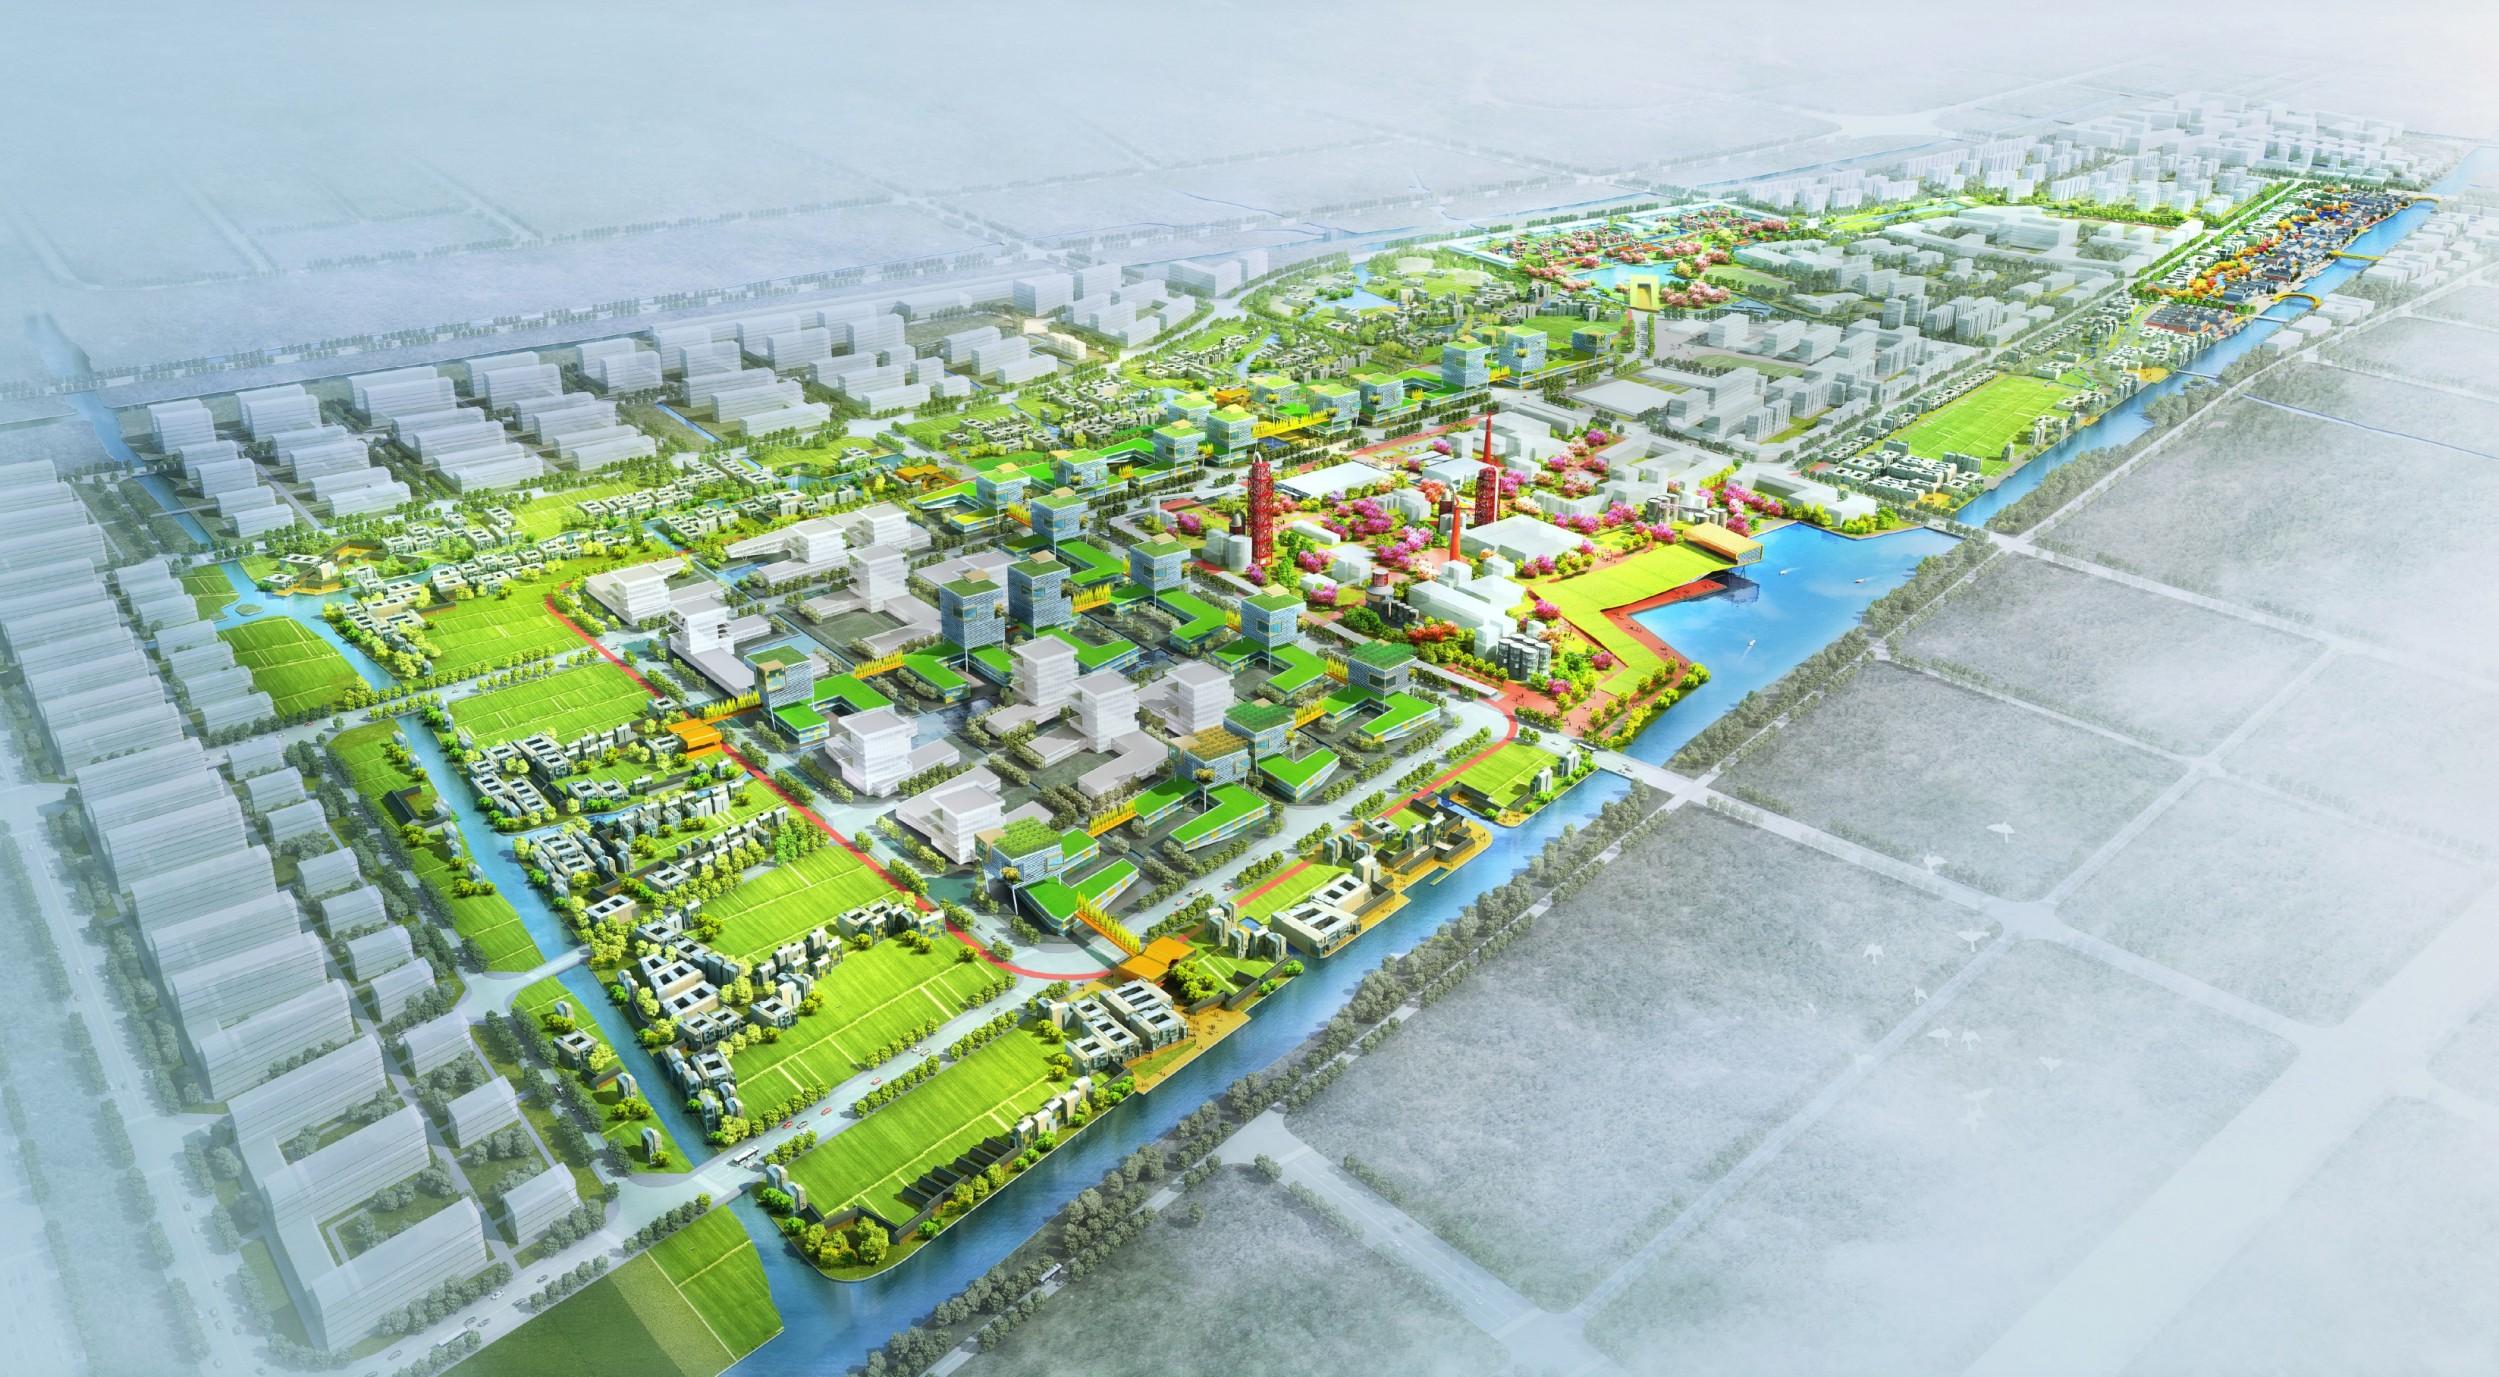 2015年杭州梦想小镇概念规划设计国际竞标中标方案—NITA-48.jpg